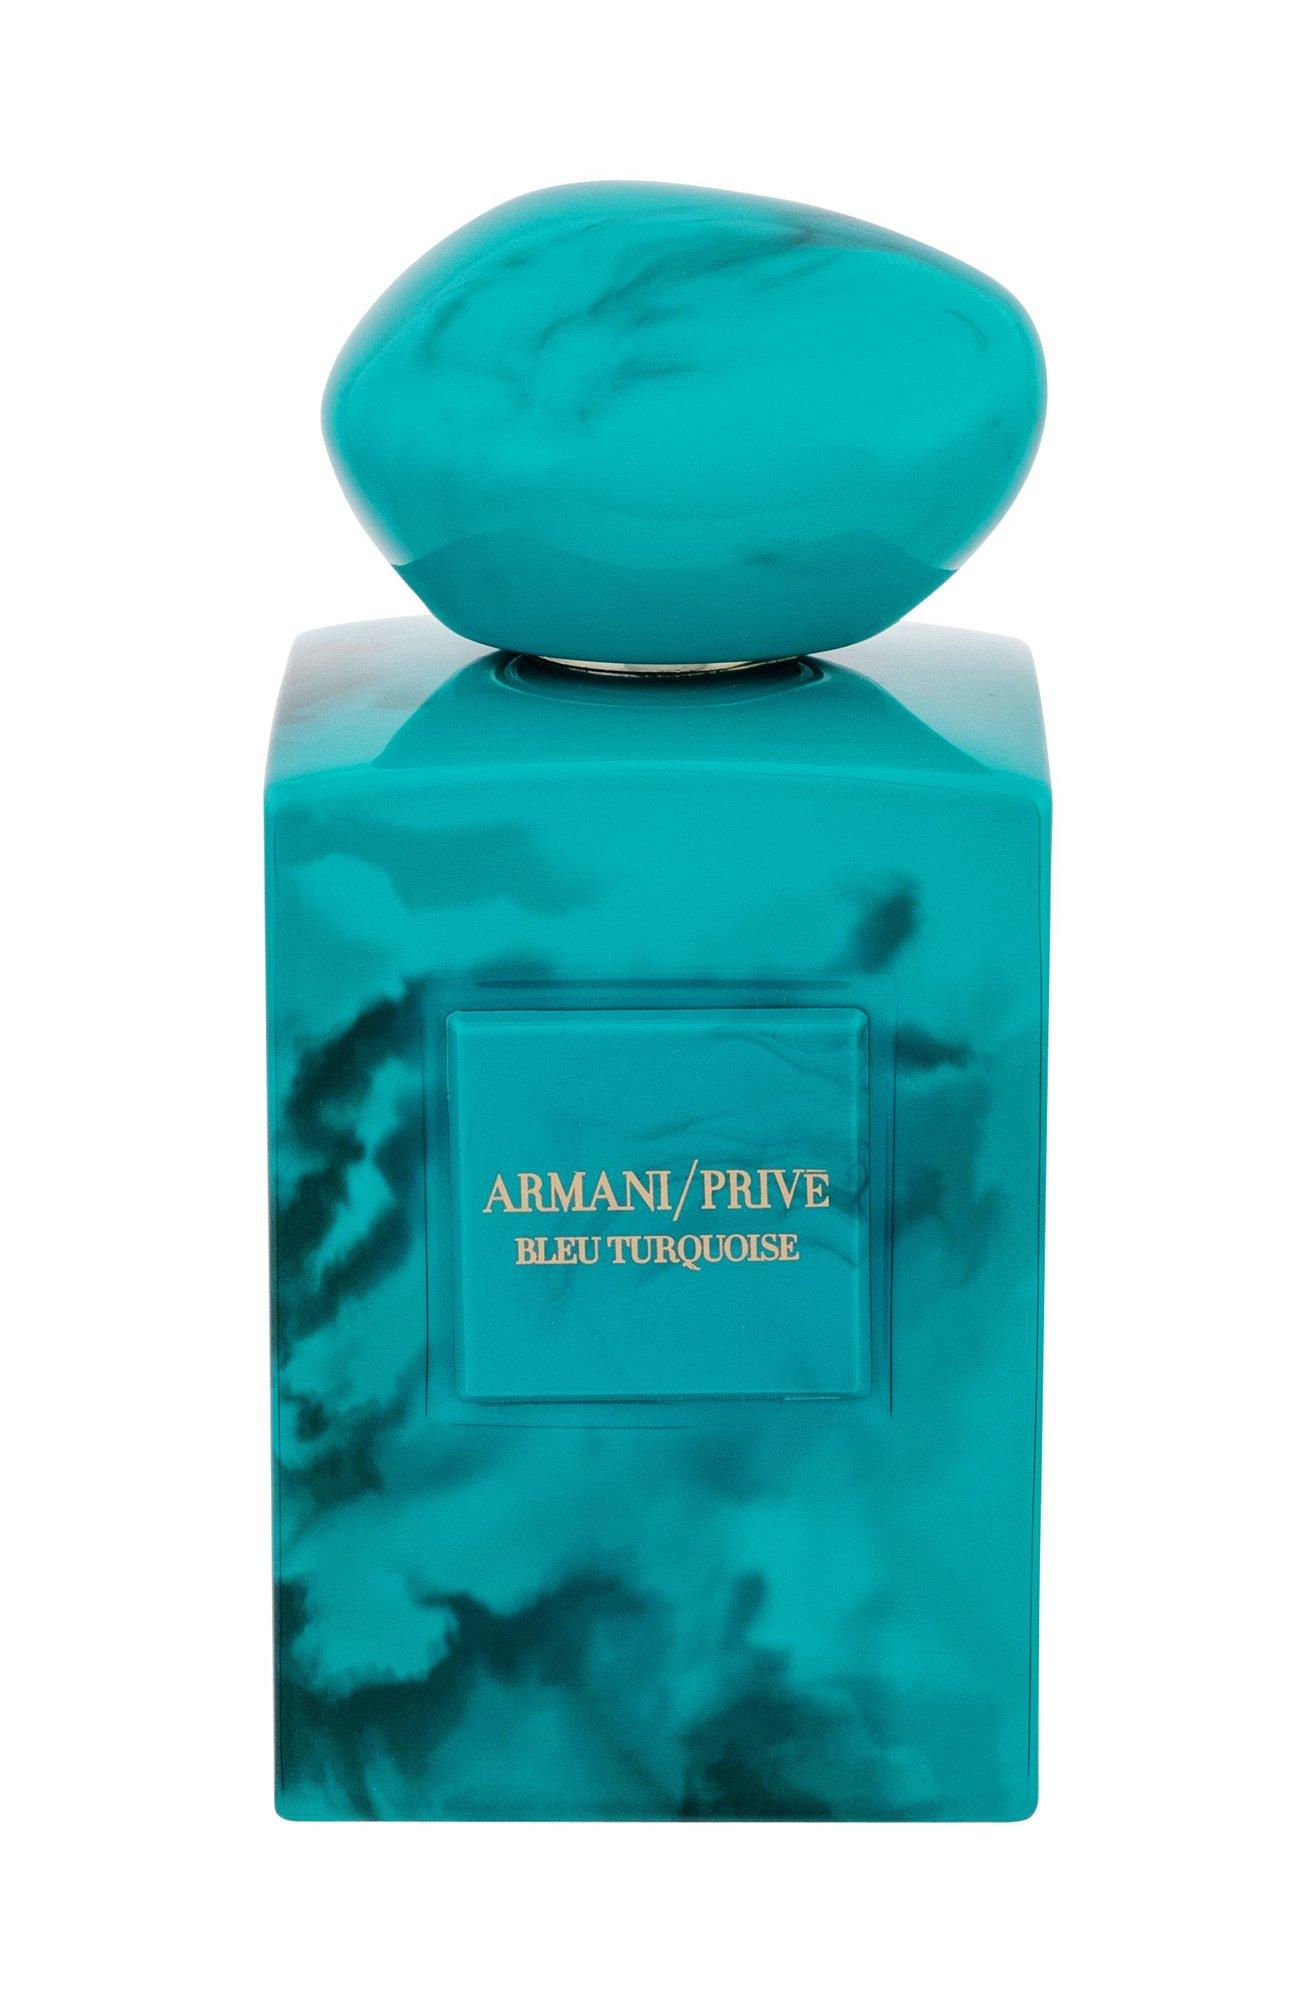 Armani Privé Bleu Turquoise Eau de Parfum 100ml